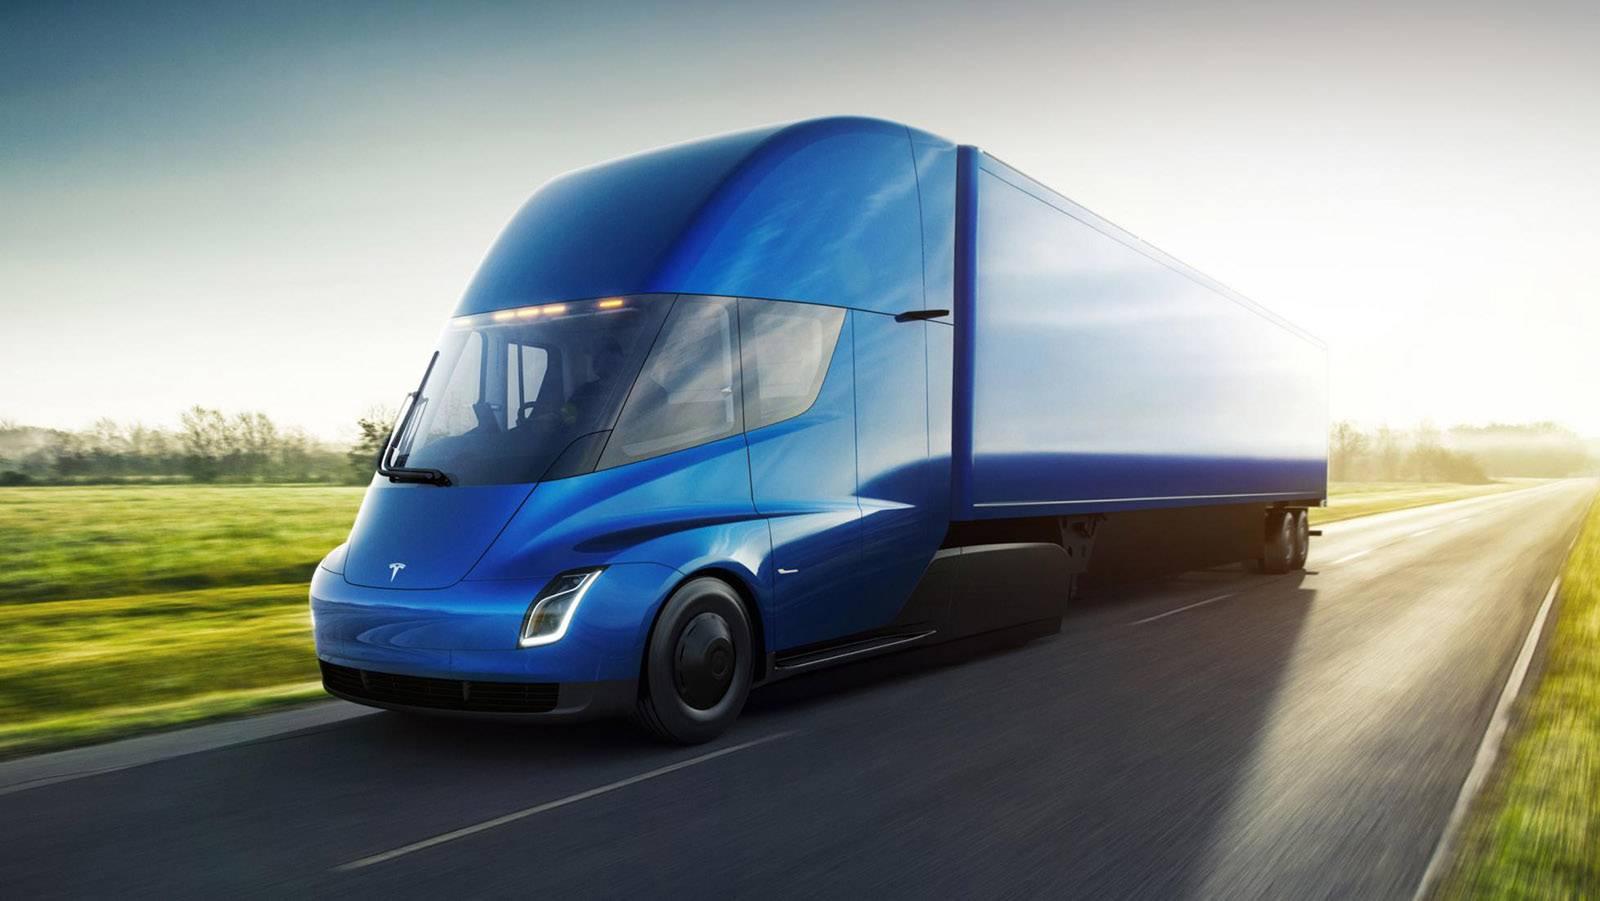 A PepsiCo e outras empresas já começaram a planejar a implementação de caminhões elétricos